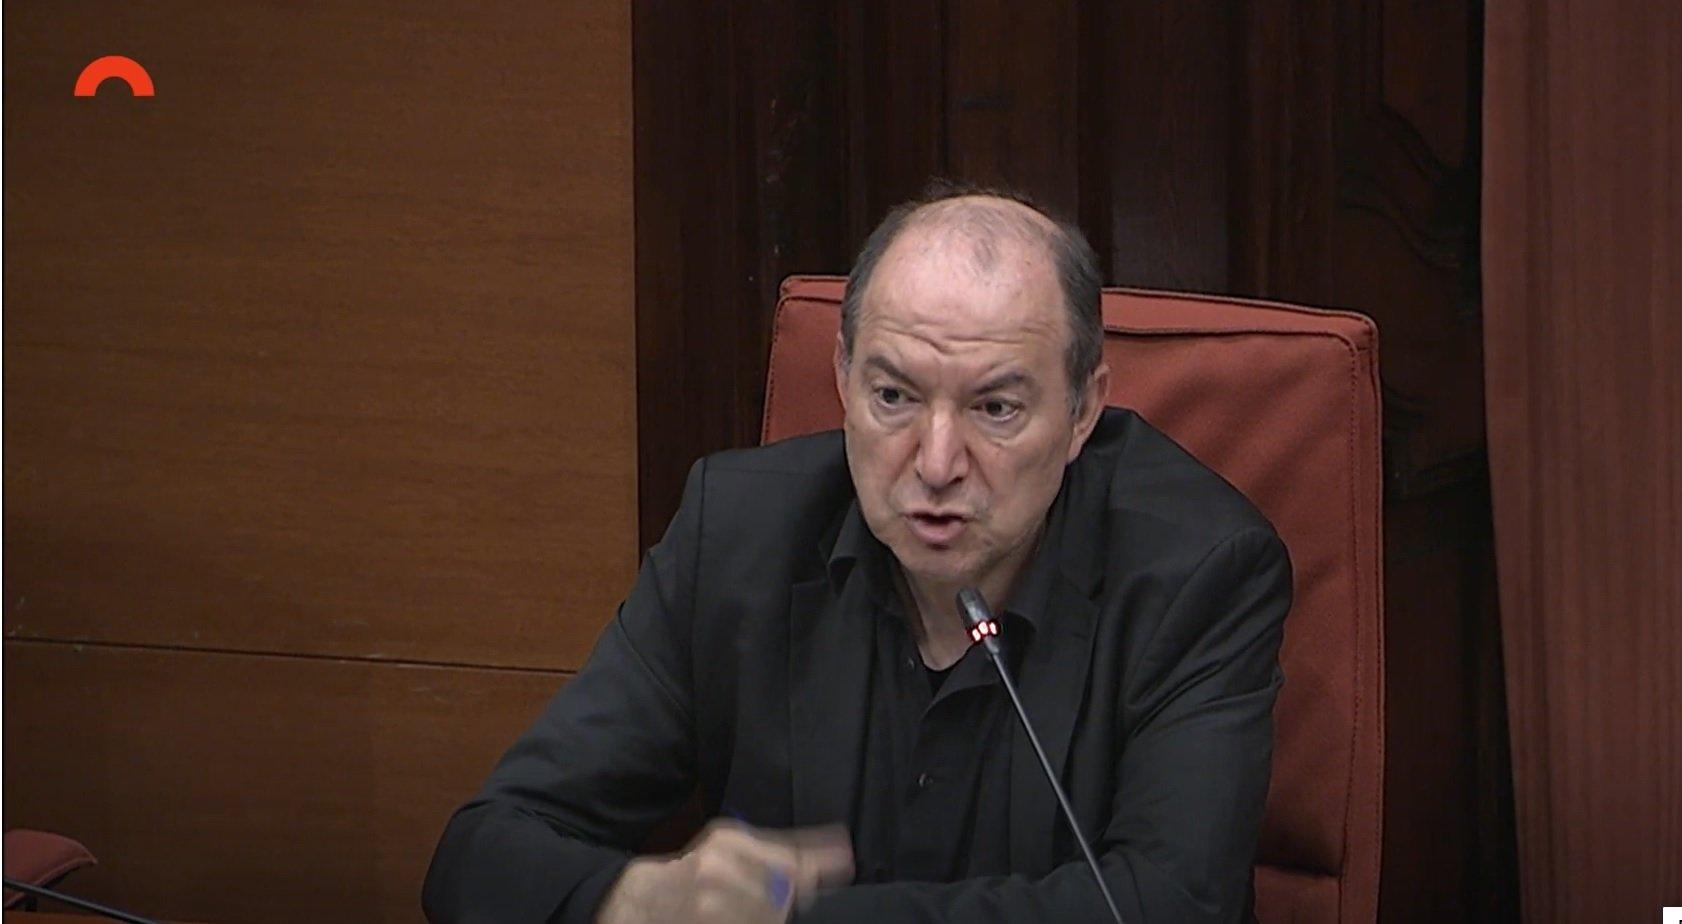 Vicent Sanchis, enojado en la Comisión de Control de la CCMA